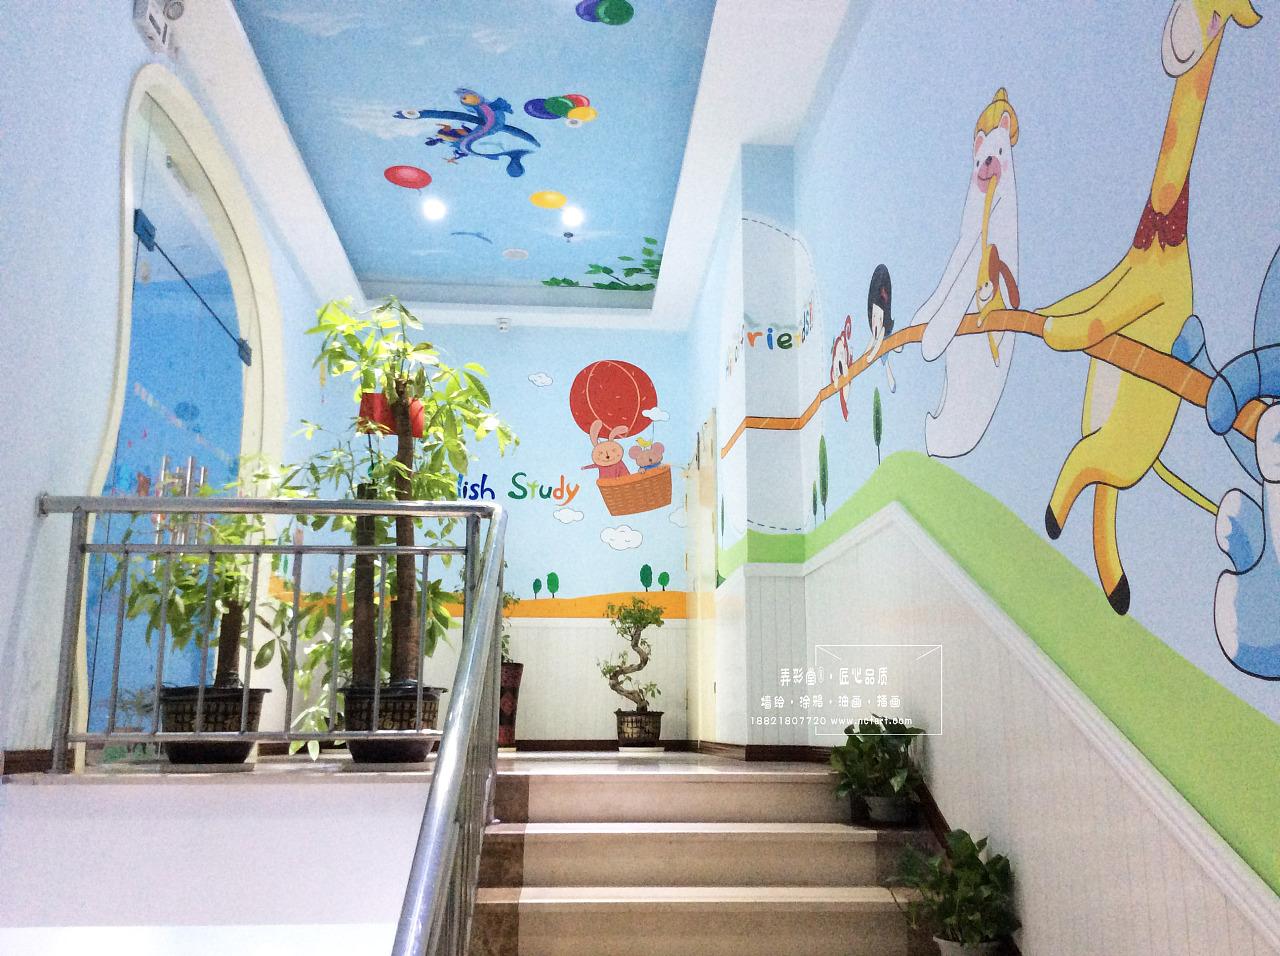 幼儿园教室墙面绘画_幼儿园壁画欣赏世纪宝贝幼儿园墙绘之二|其他|墙绘/立体画|弄彩 ...